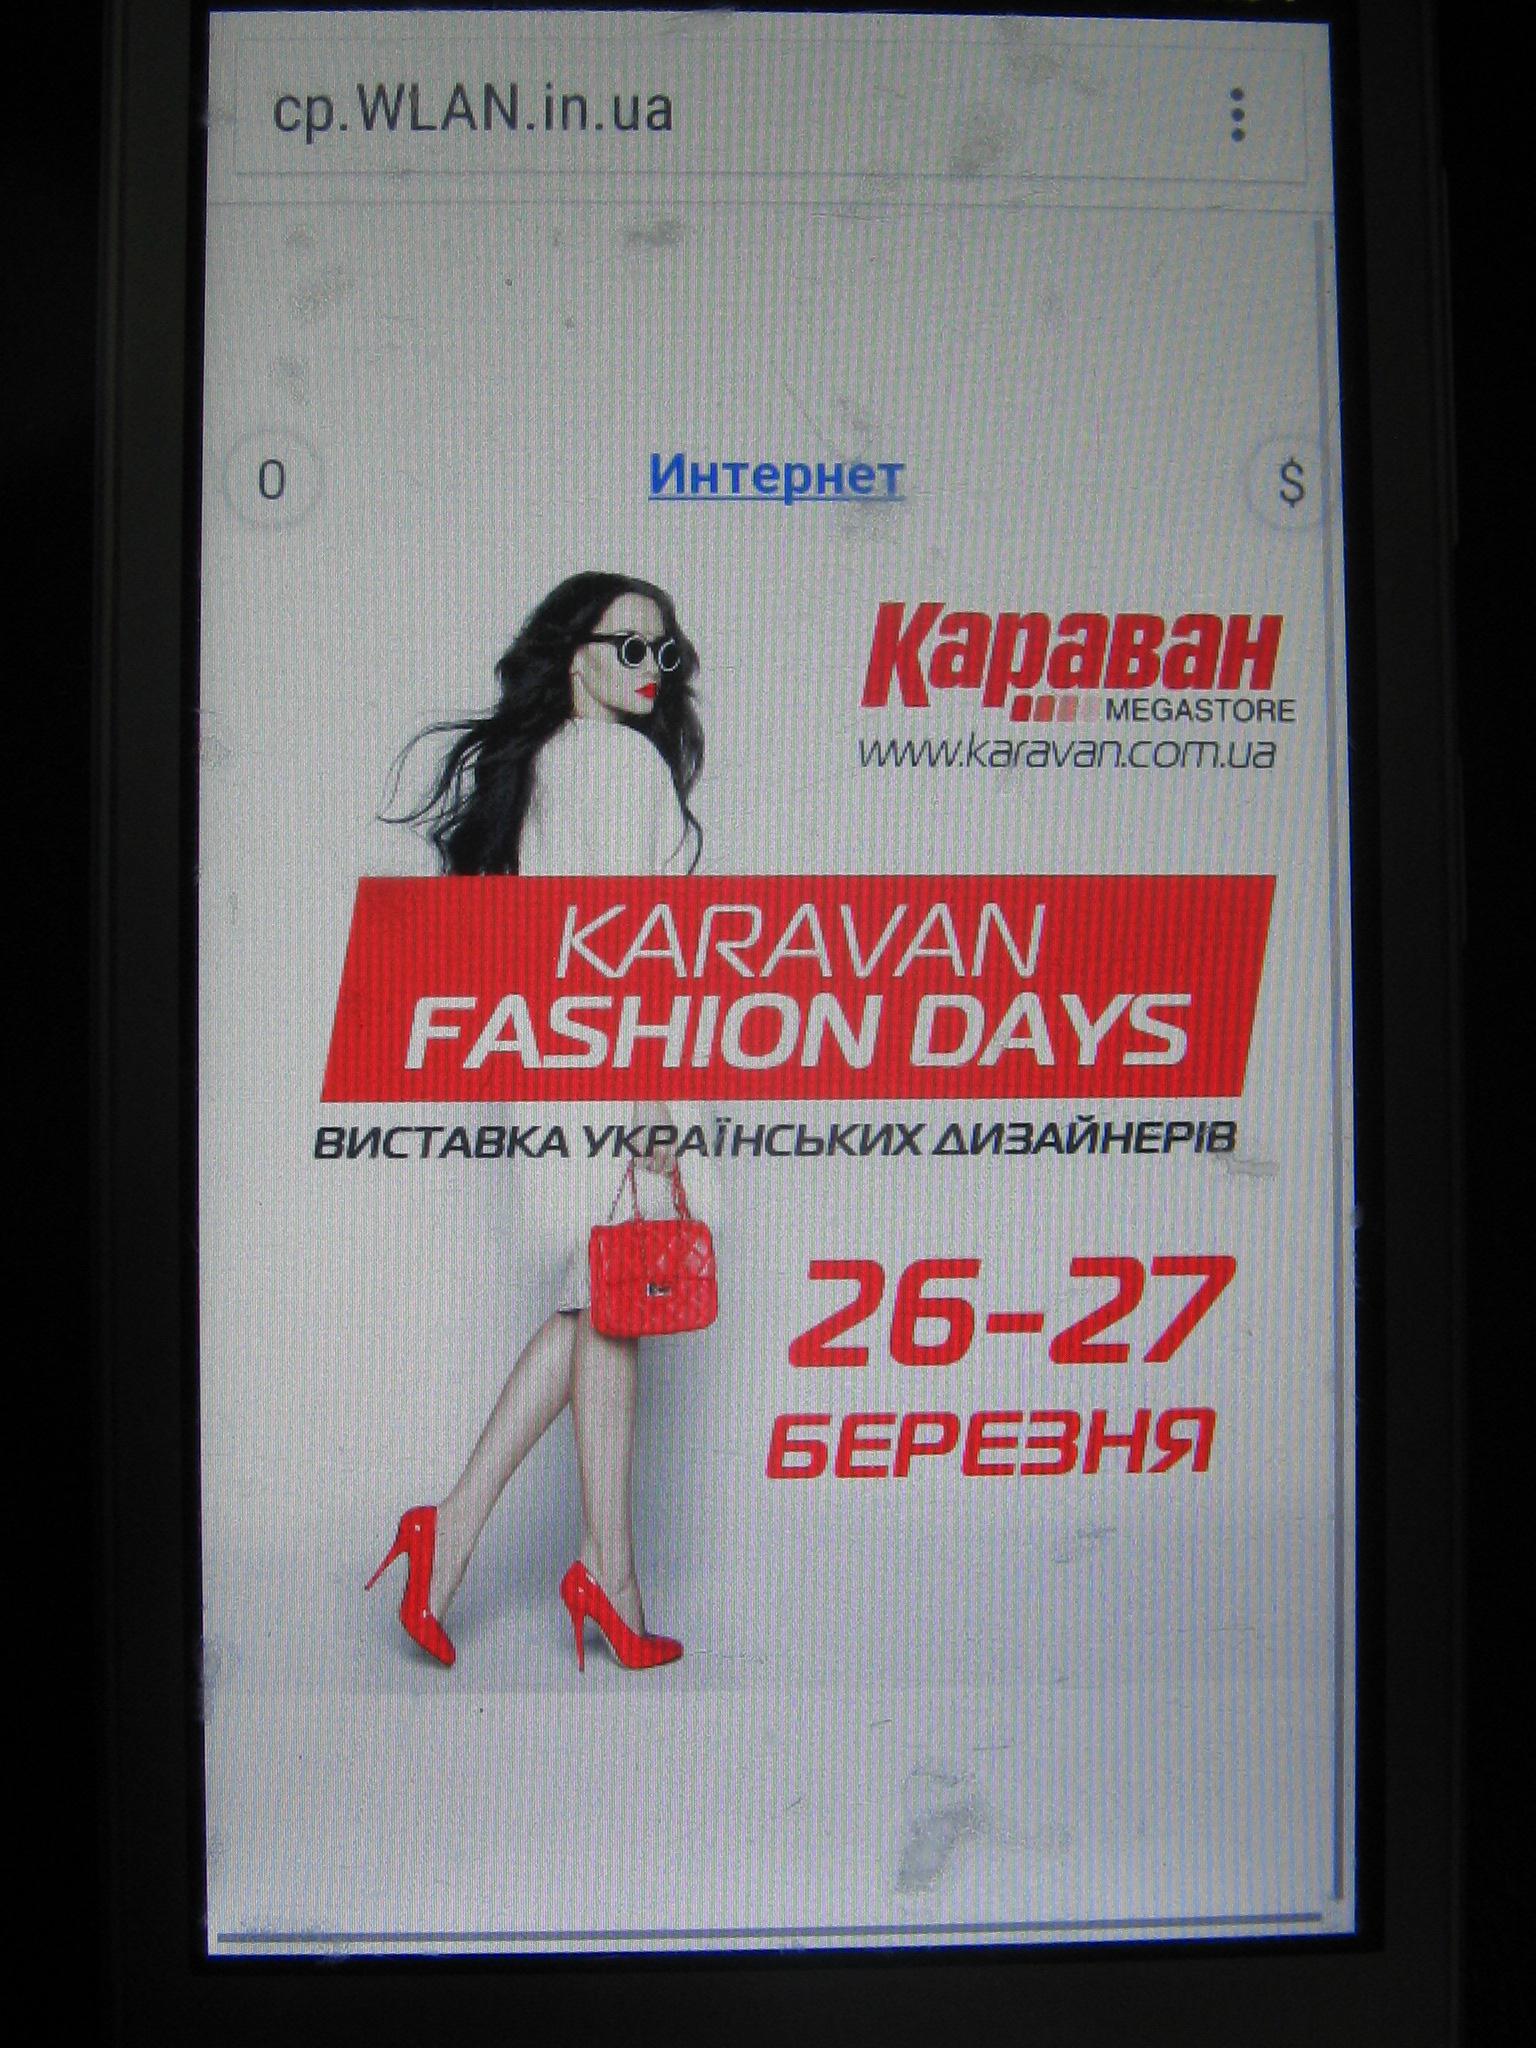 http://s6.uploads.ru/39SQt.jpg